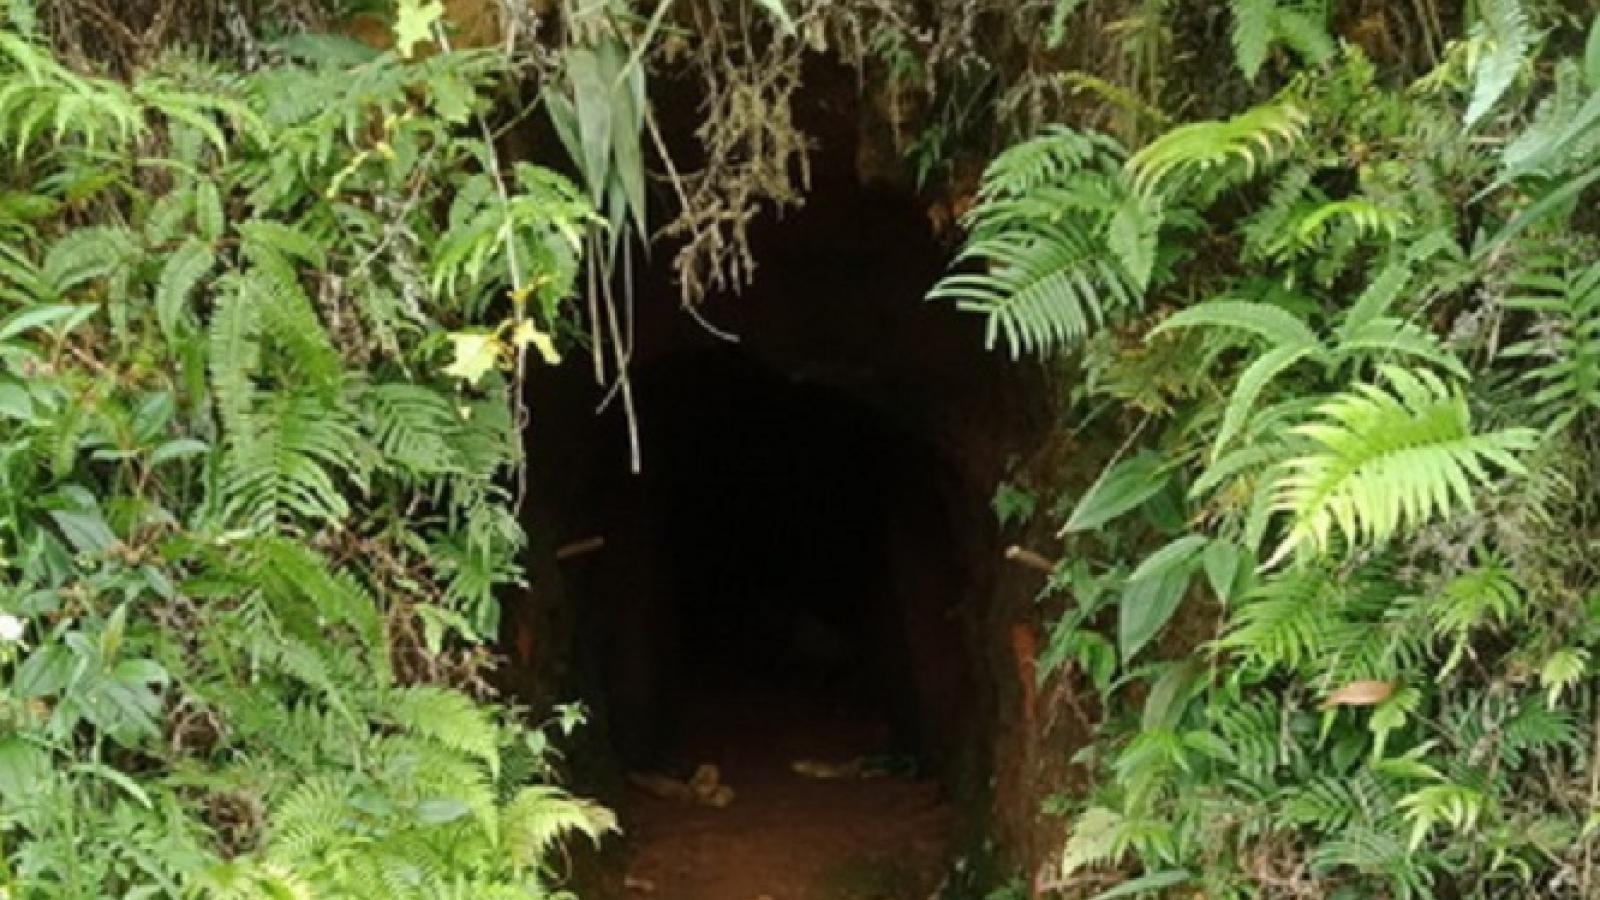 Đà Nẵng đề xuất đánh sập các hầm khai thác vàng trái phép tại rừng Hòa Bắc